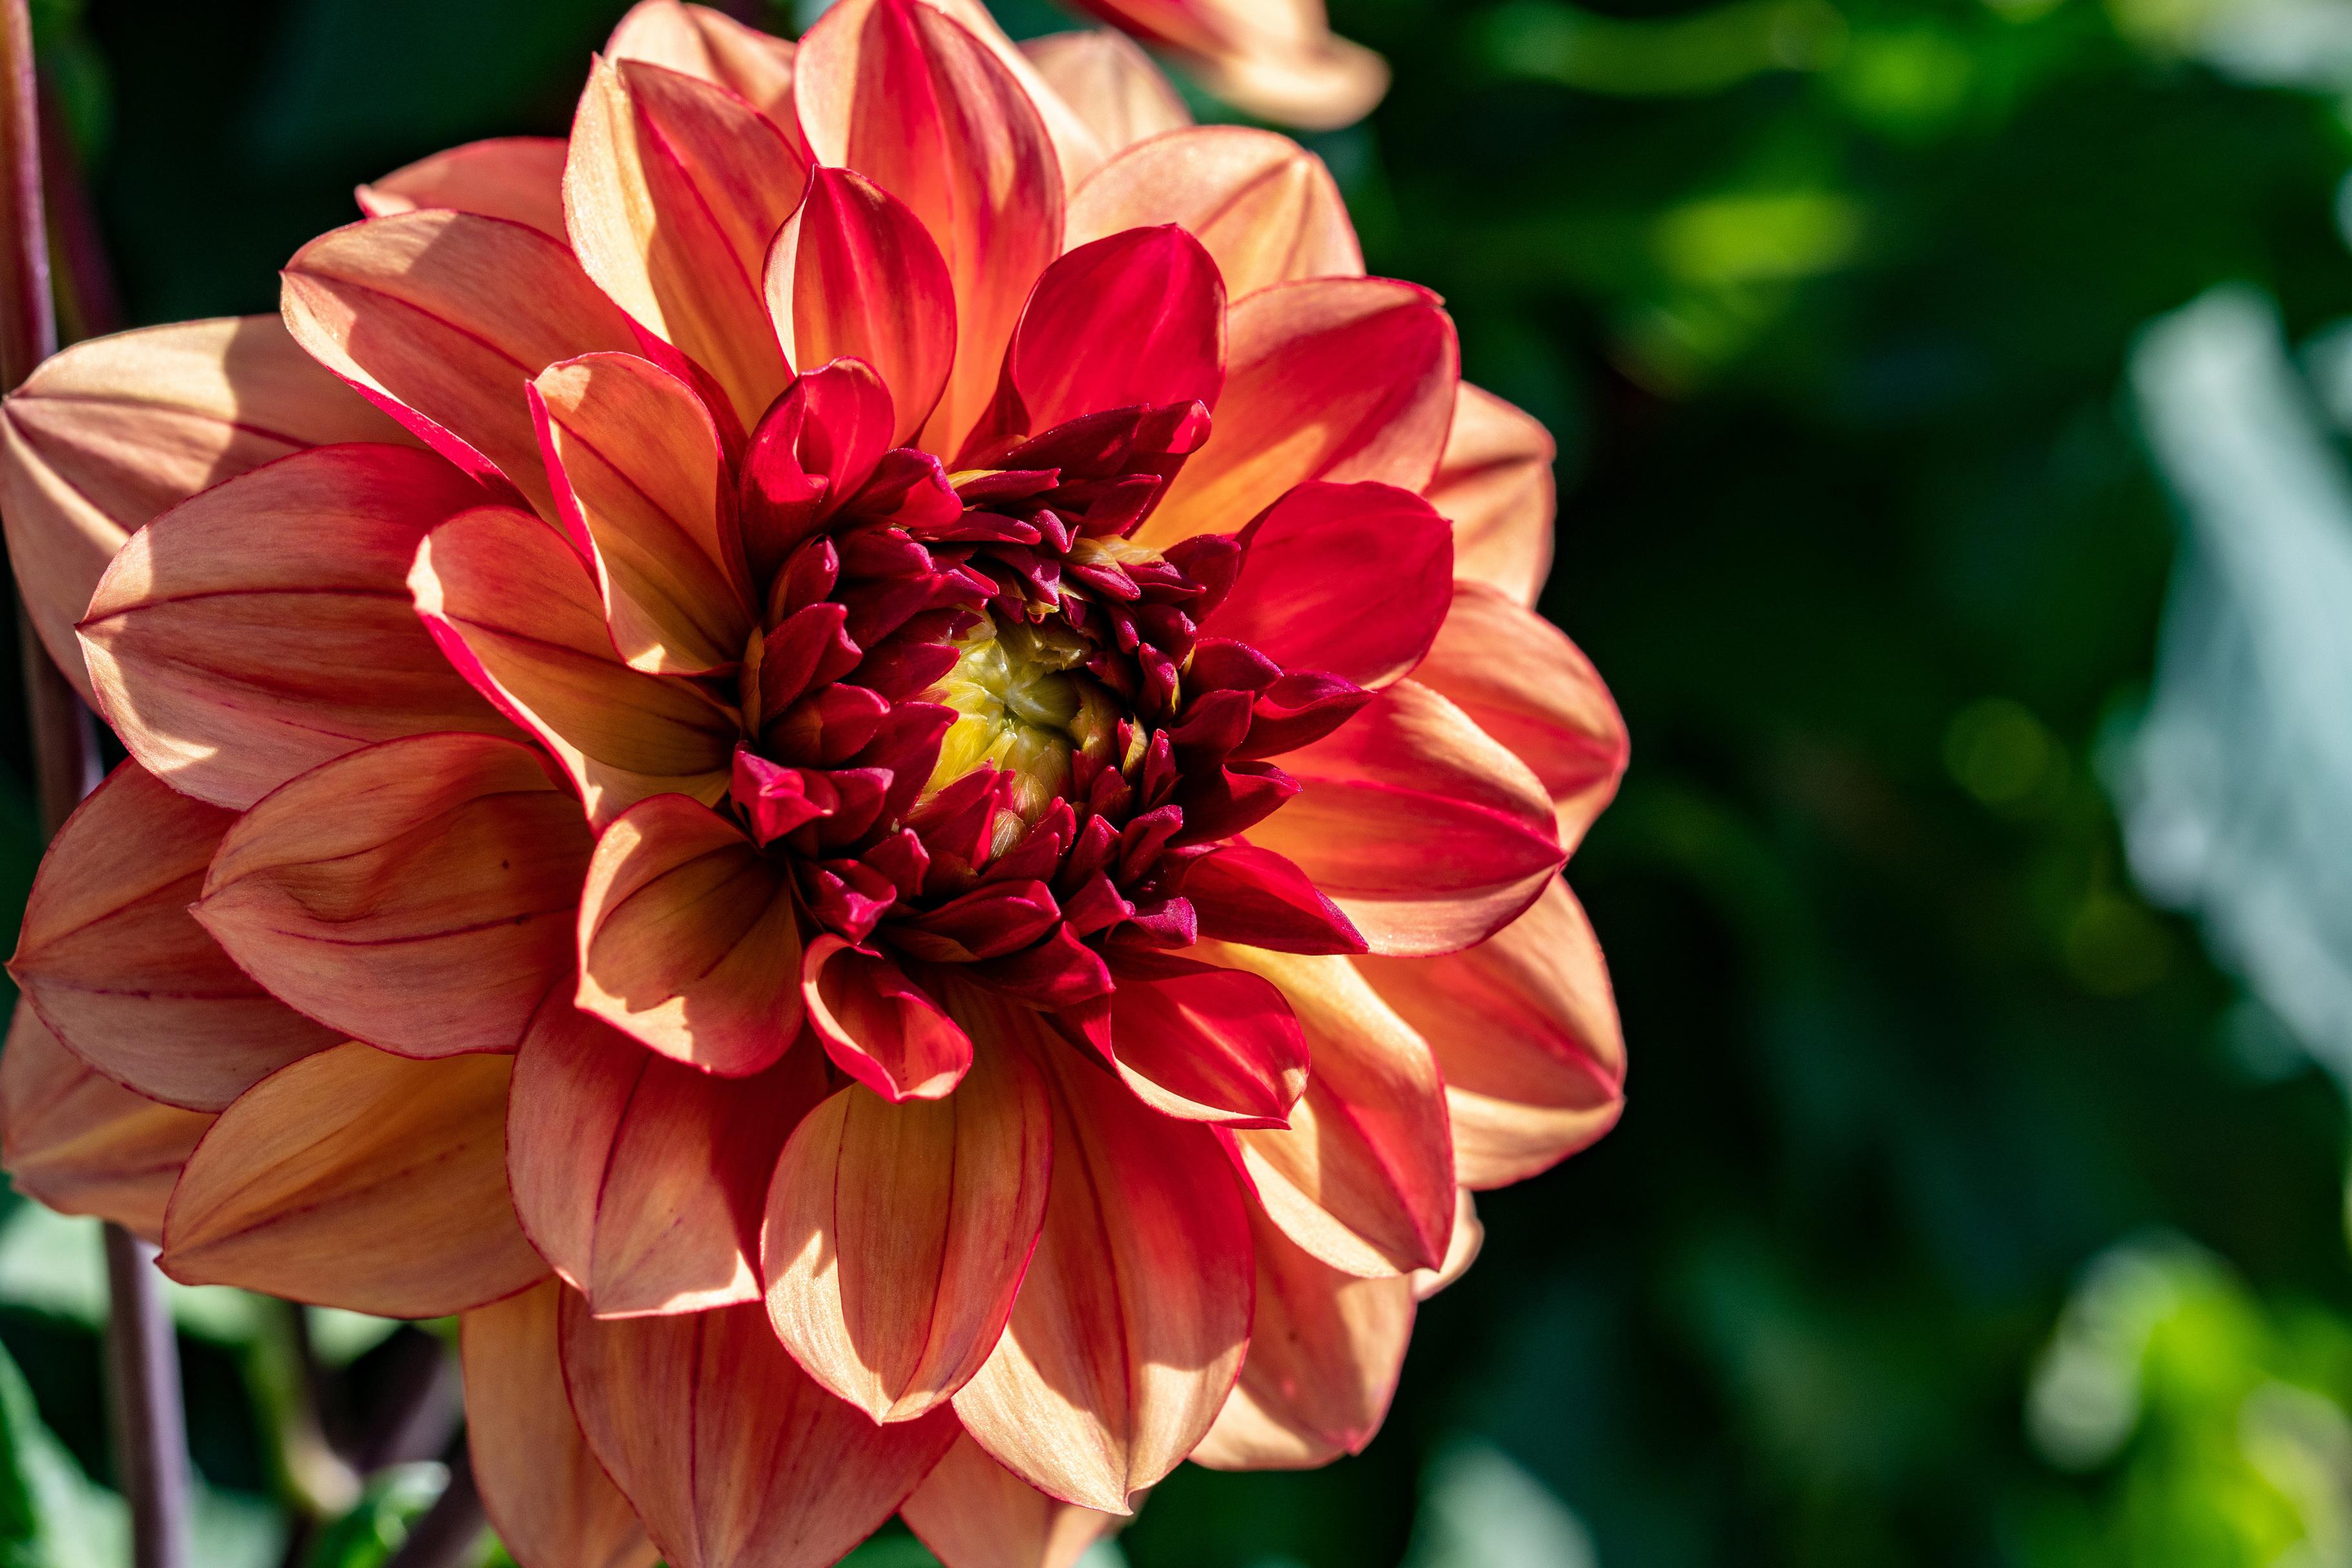 Картинка боке цветок Георгины Крупным планом 3645x2430 Размытый фон Цветы вблизи